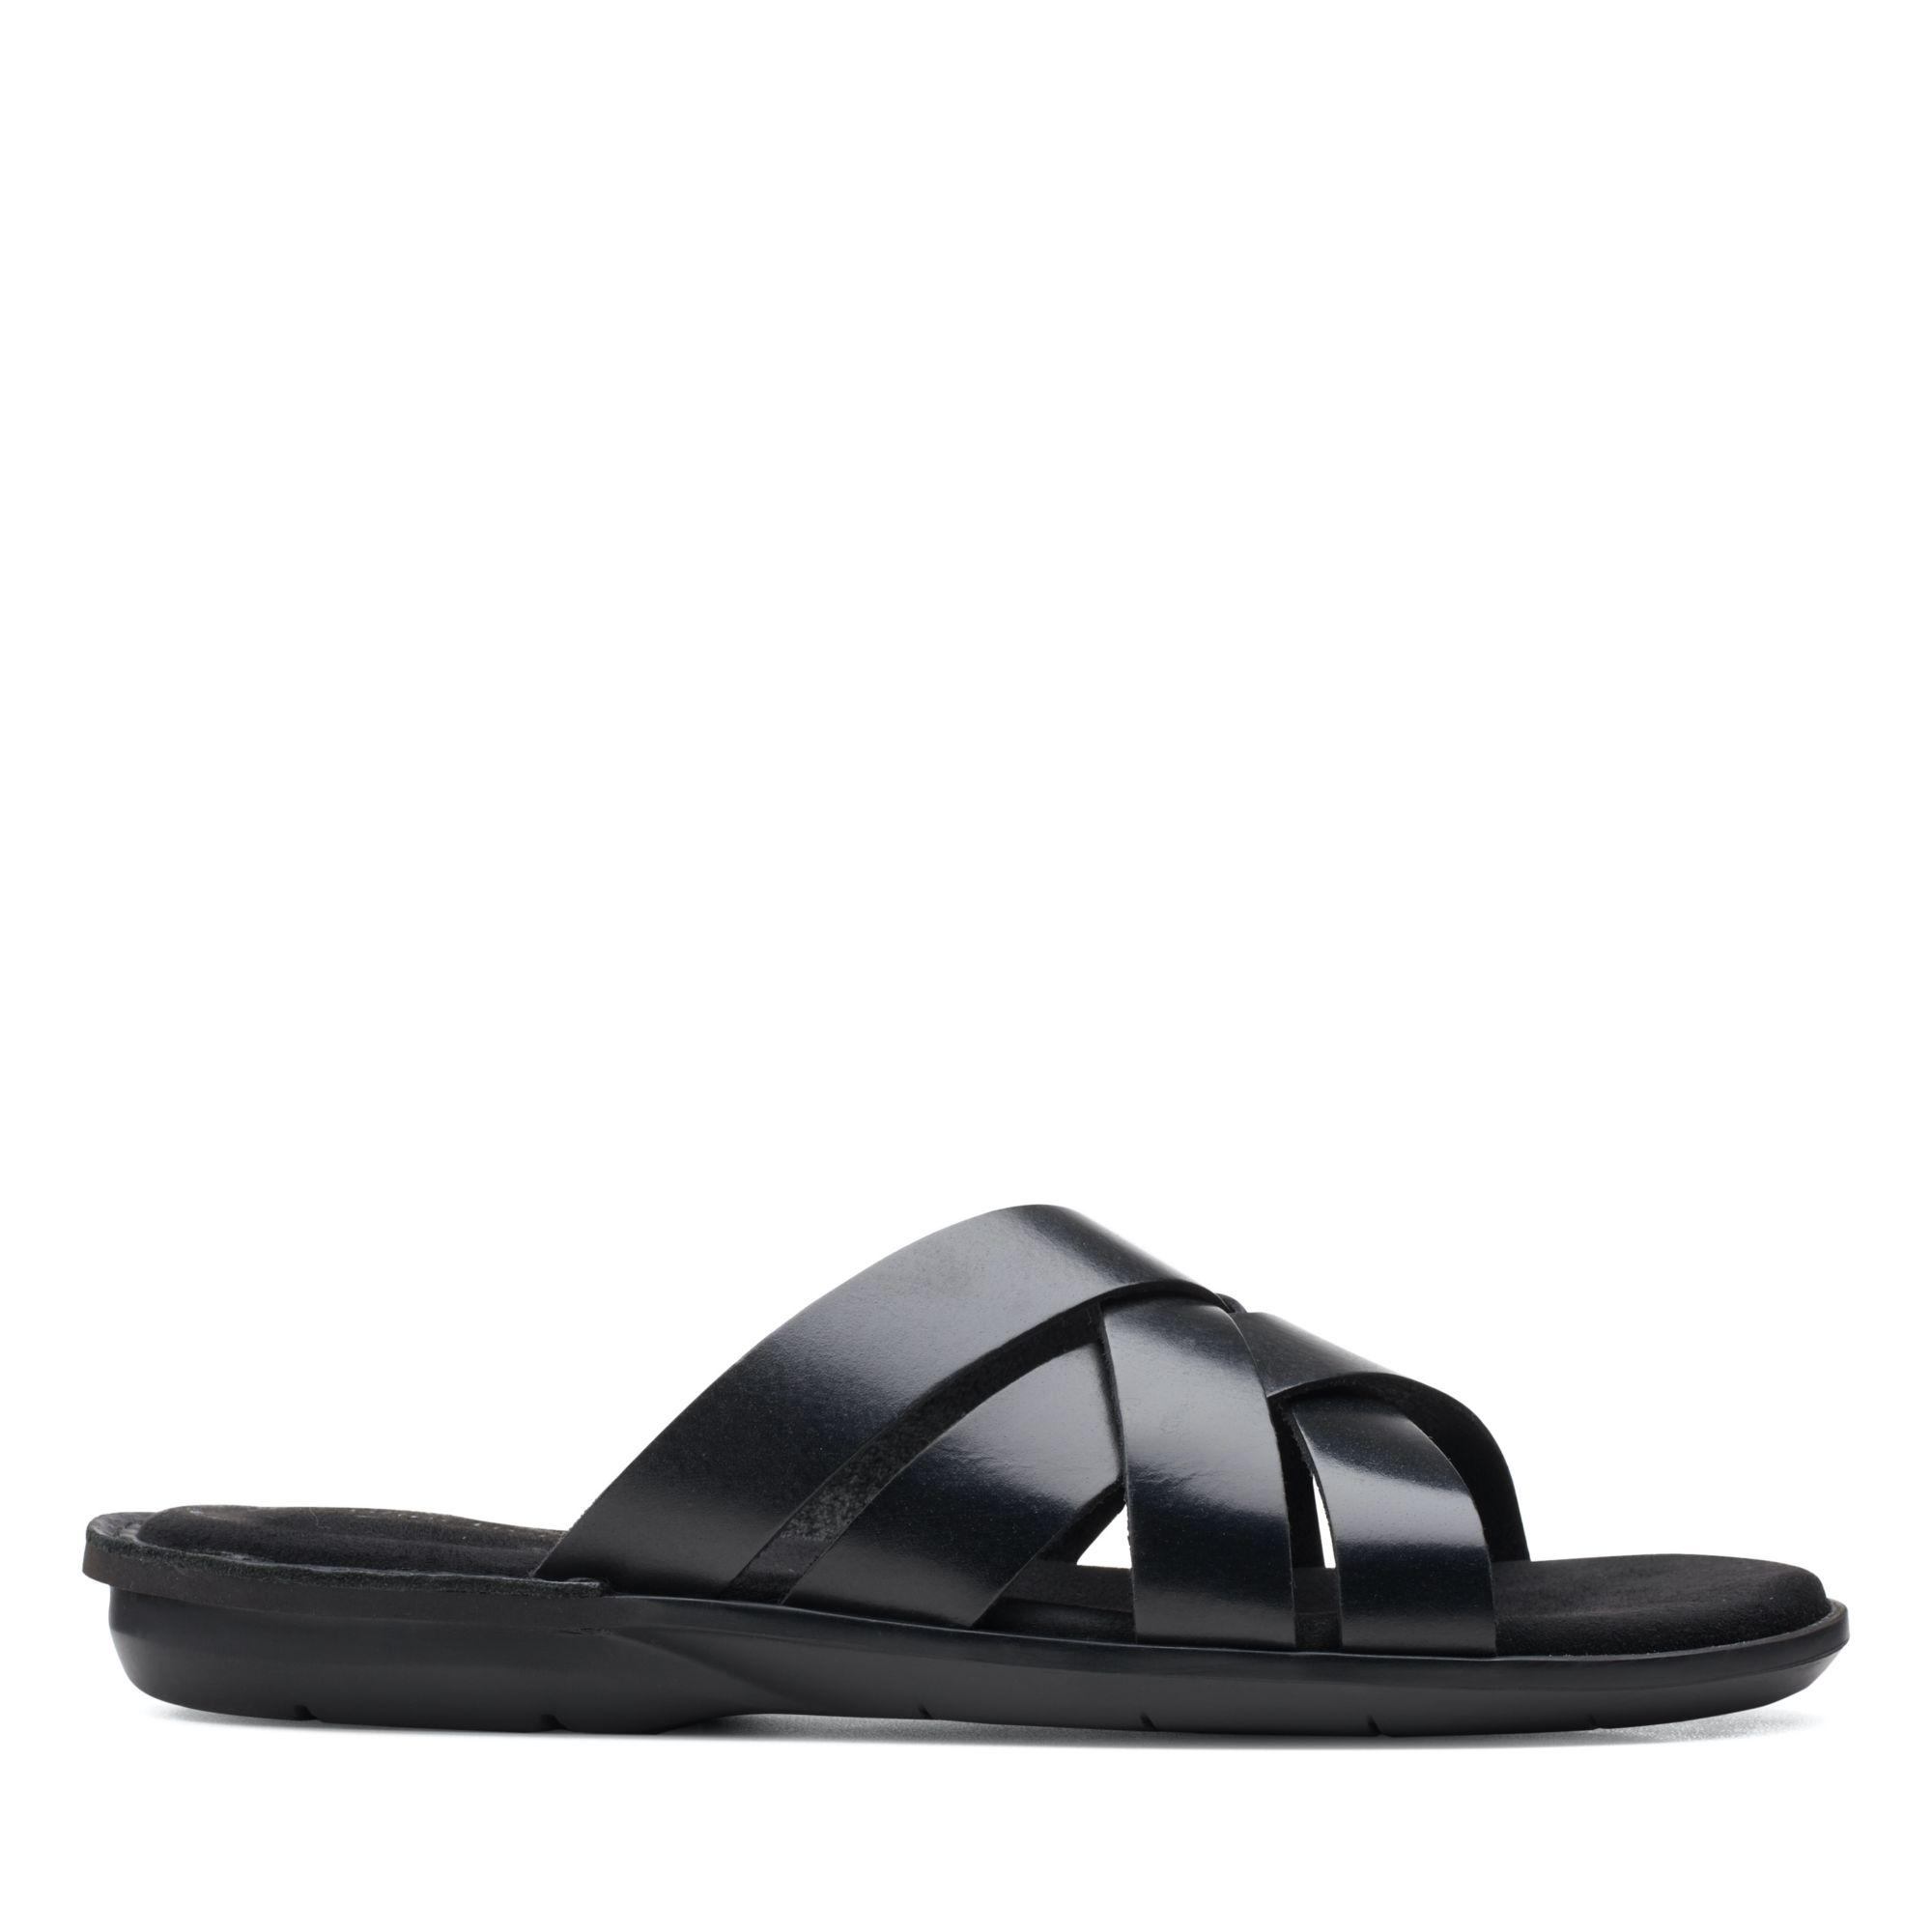 Clarks 夏日街頭-Ellison Weave編織風皮革拖鞋(黑色)